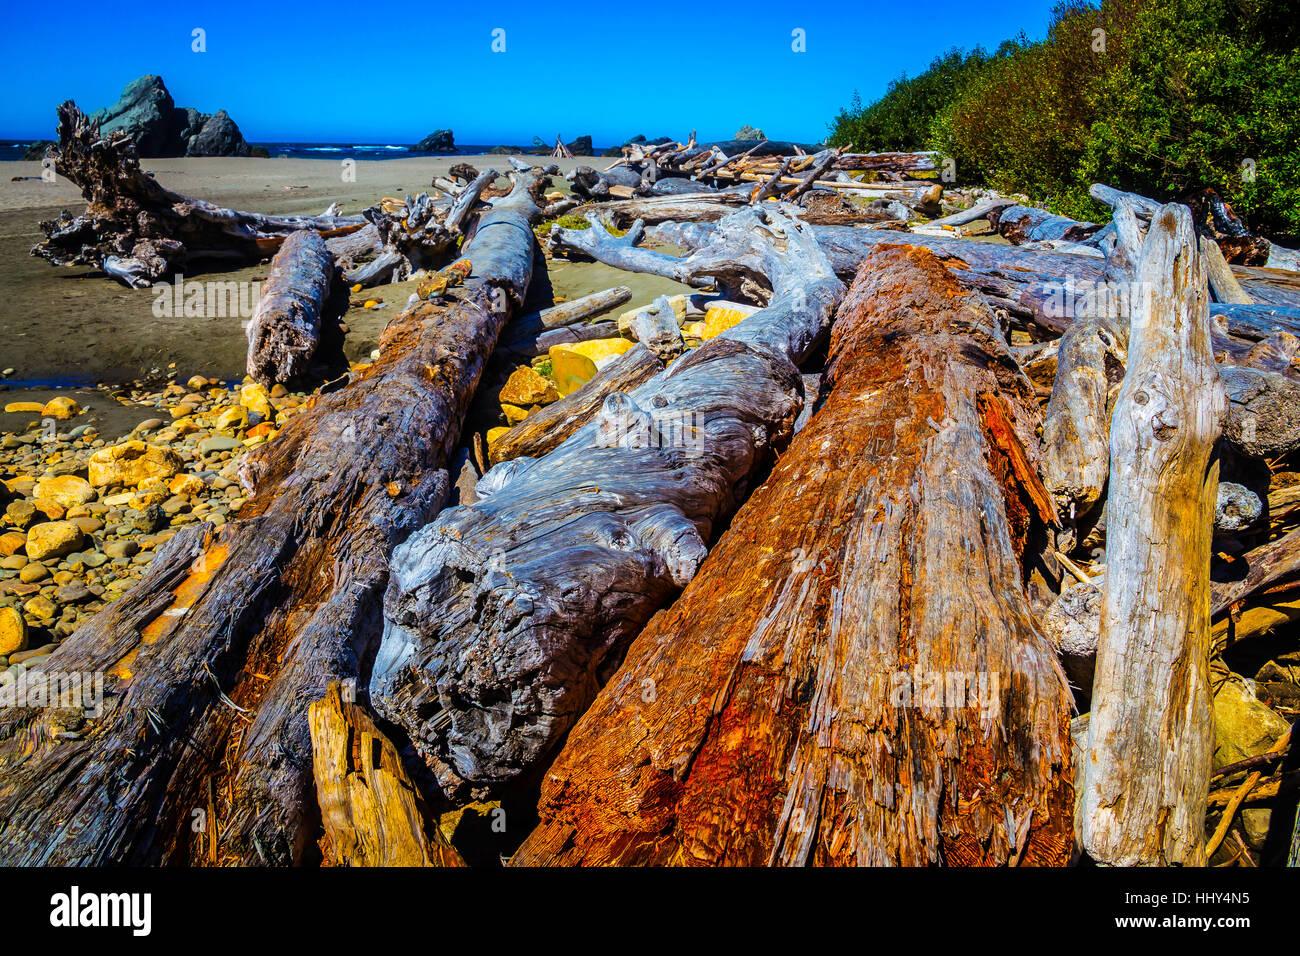 Wonderful Driftwood Oregon Coast - Stock Image